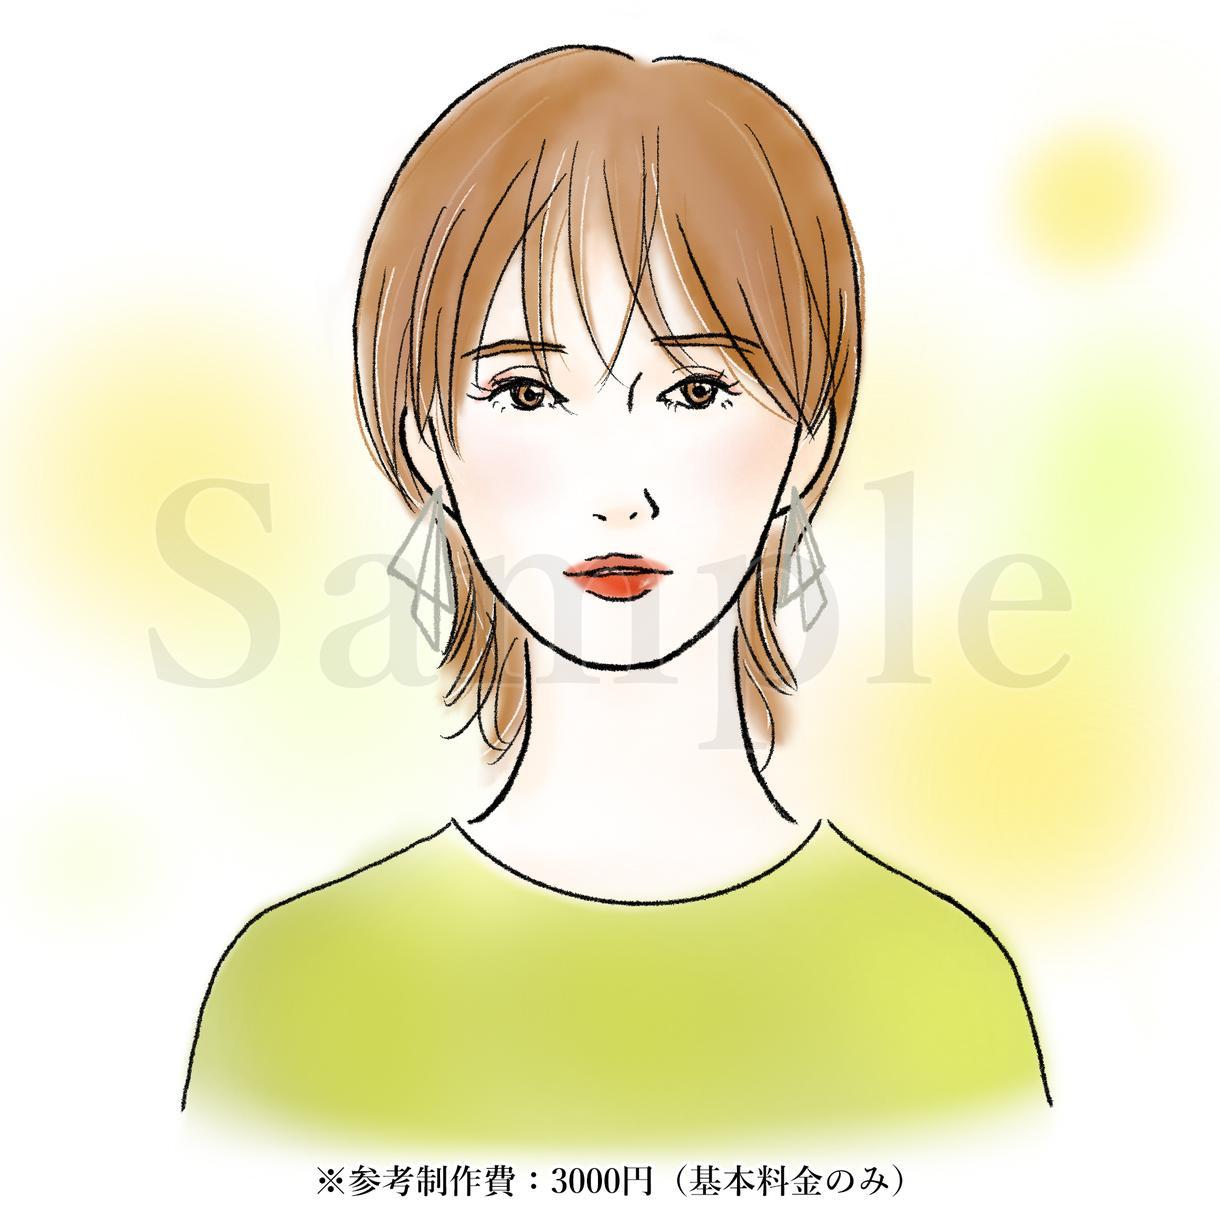 美容・ビューティ向け 女性イラスト描きます ナチュラルで綺麗な女性のカットイラストをお探しの方へ! イメージ1